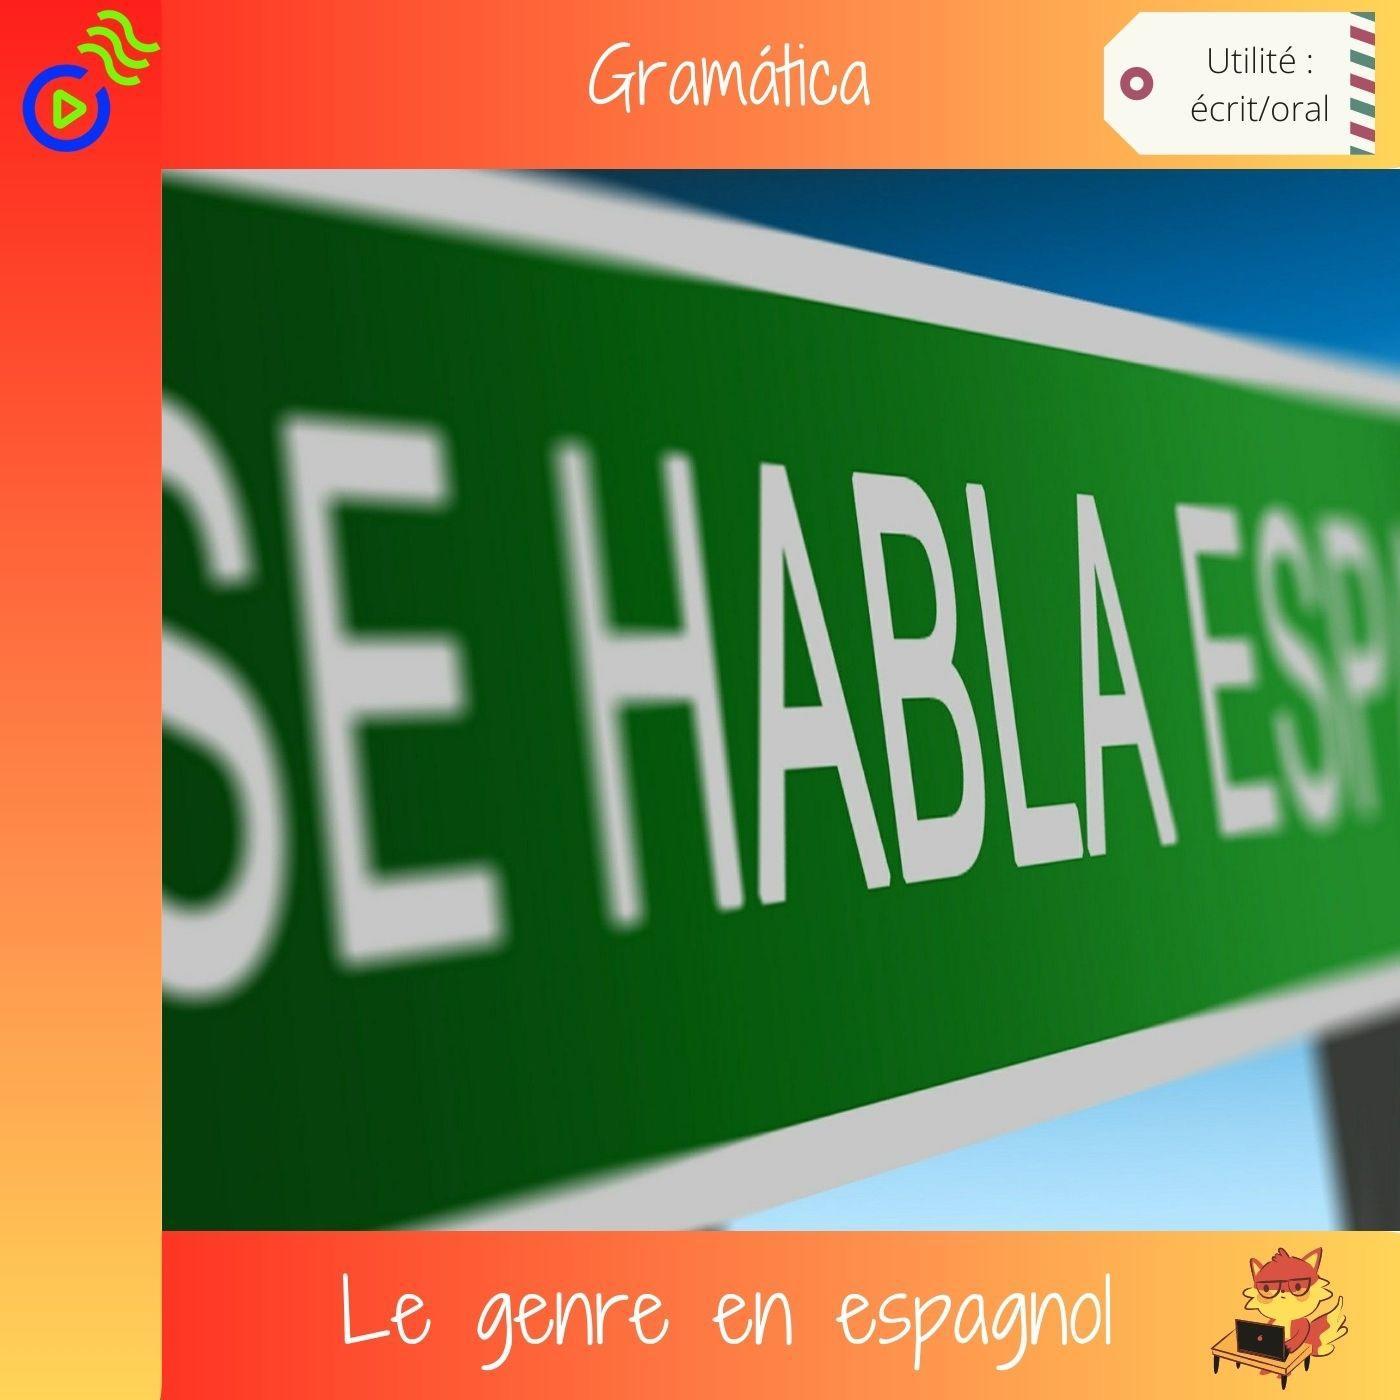 Le genre en espagnol